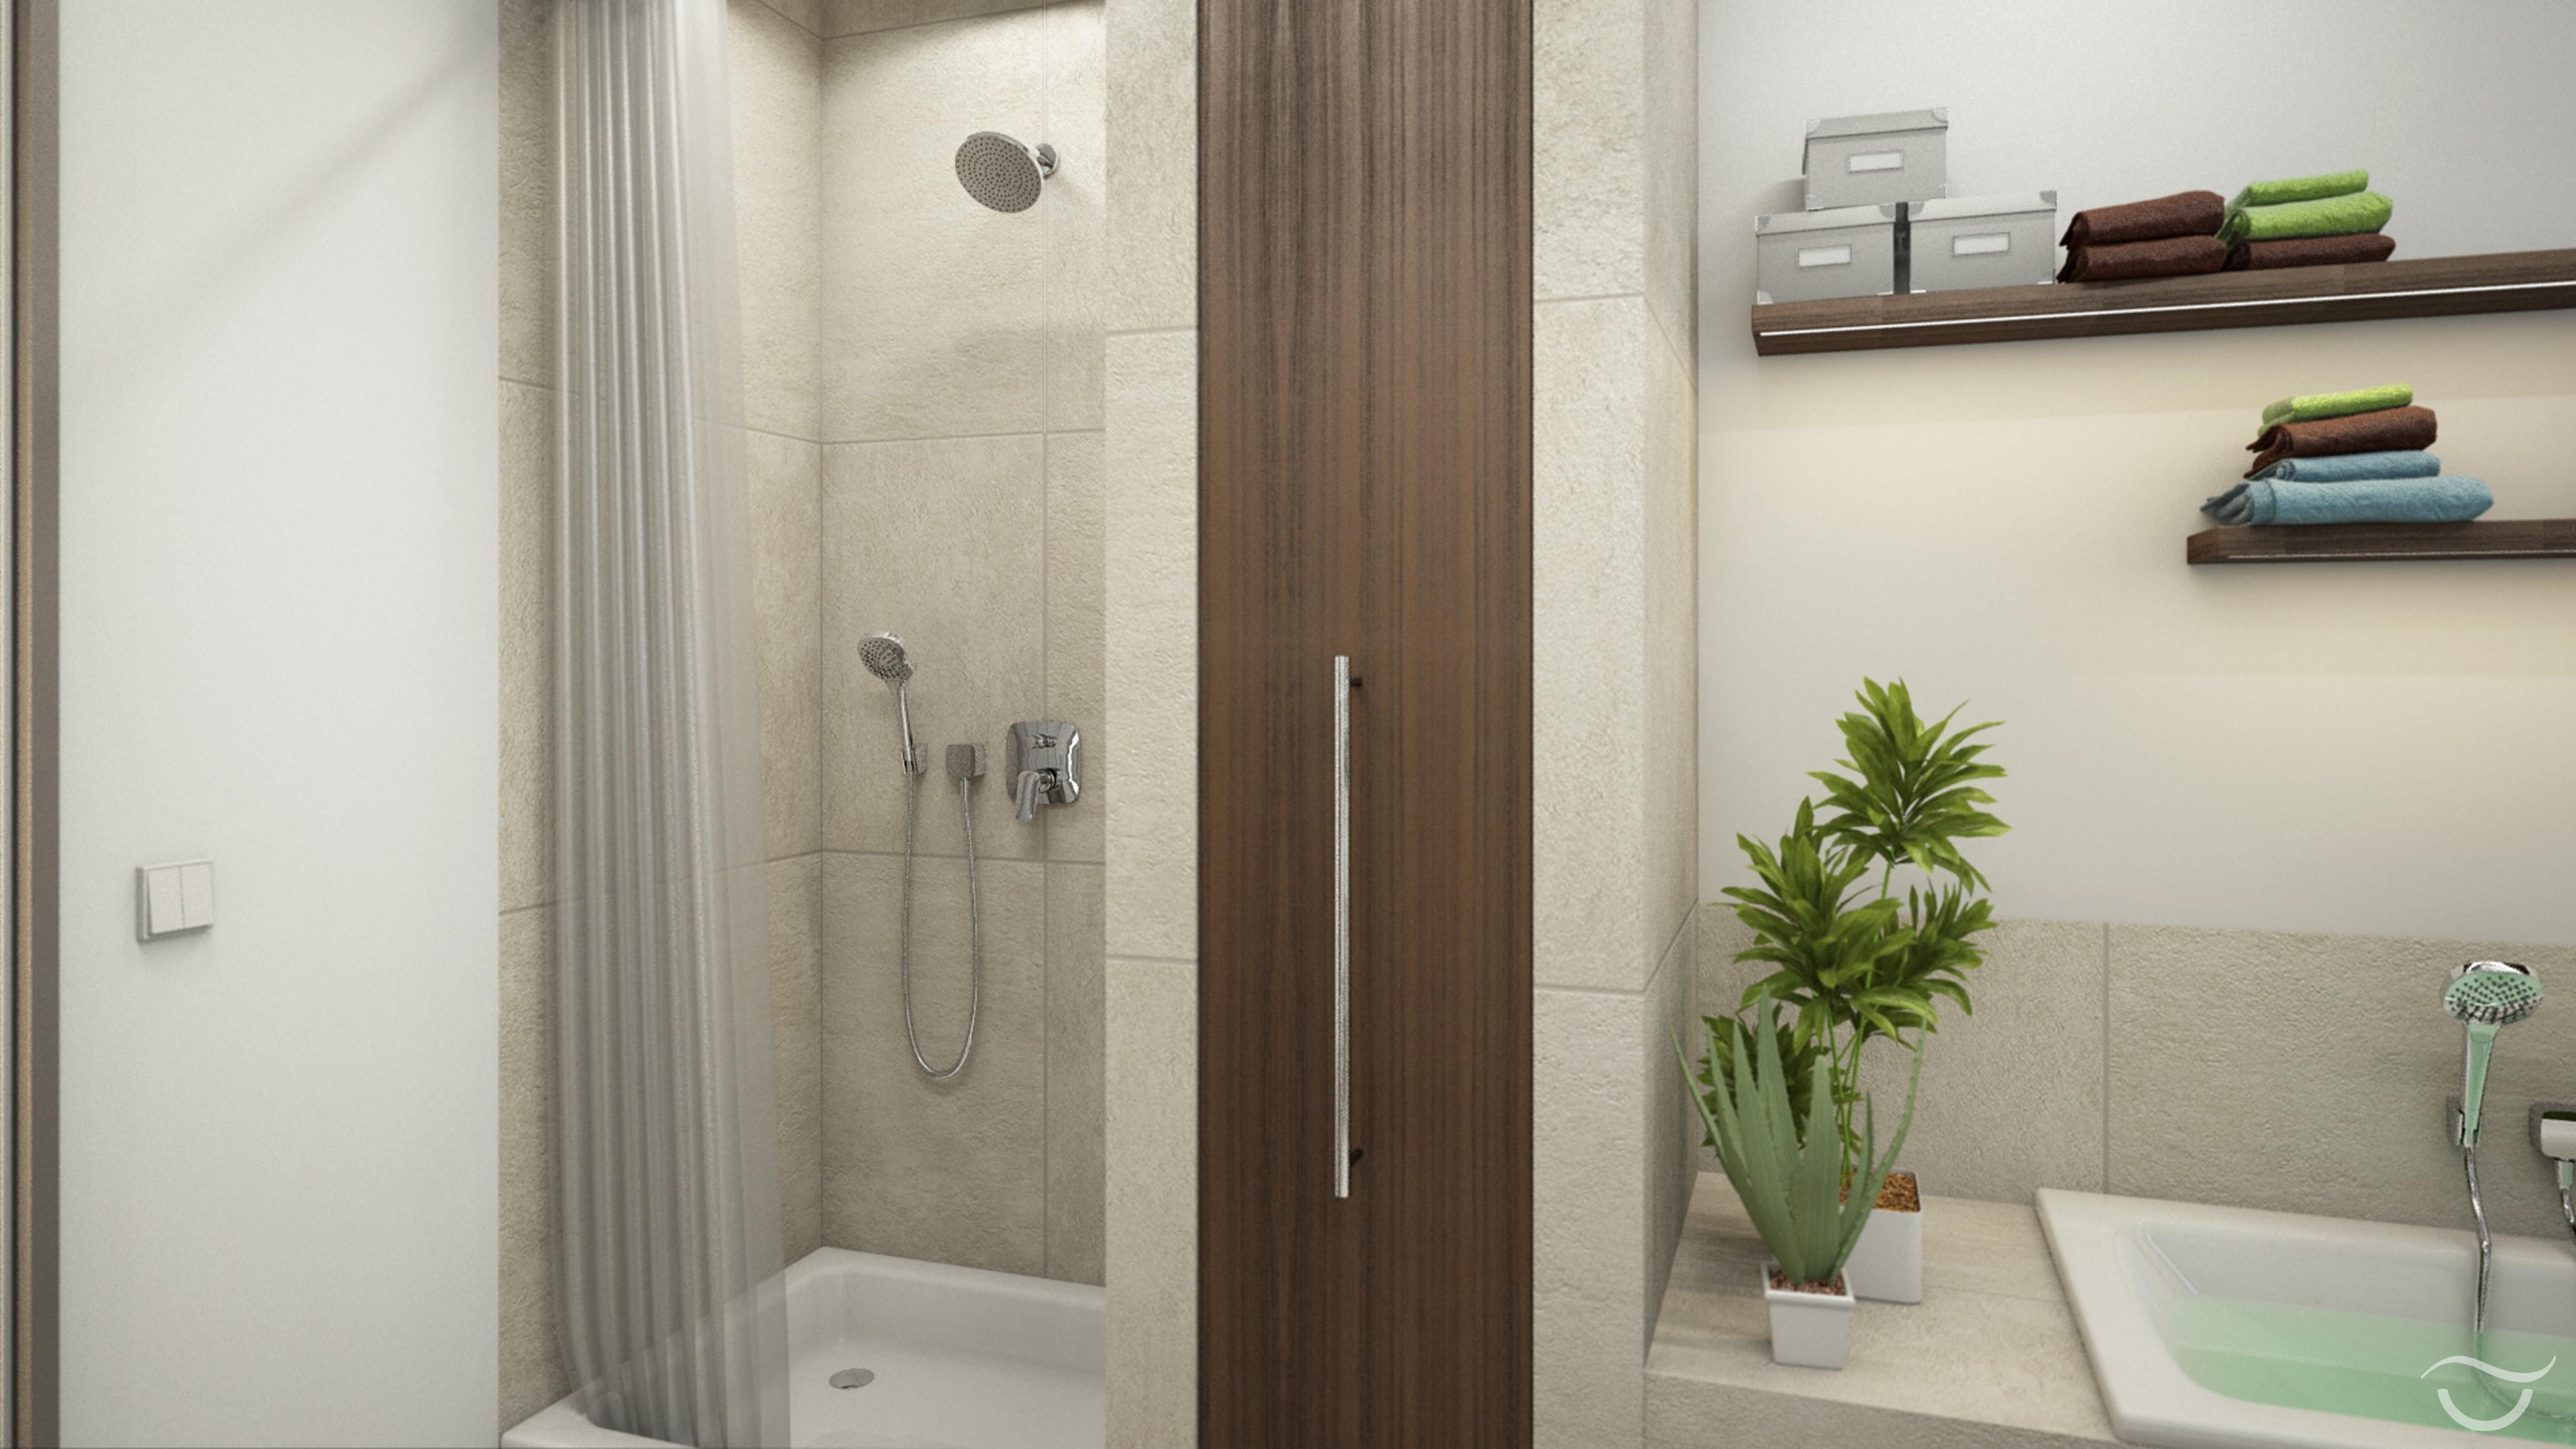 Einbauschrank Im Badezimmer Ist Richtig Praktisch N - Badezimmer einbauschrank